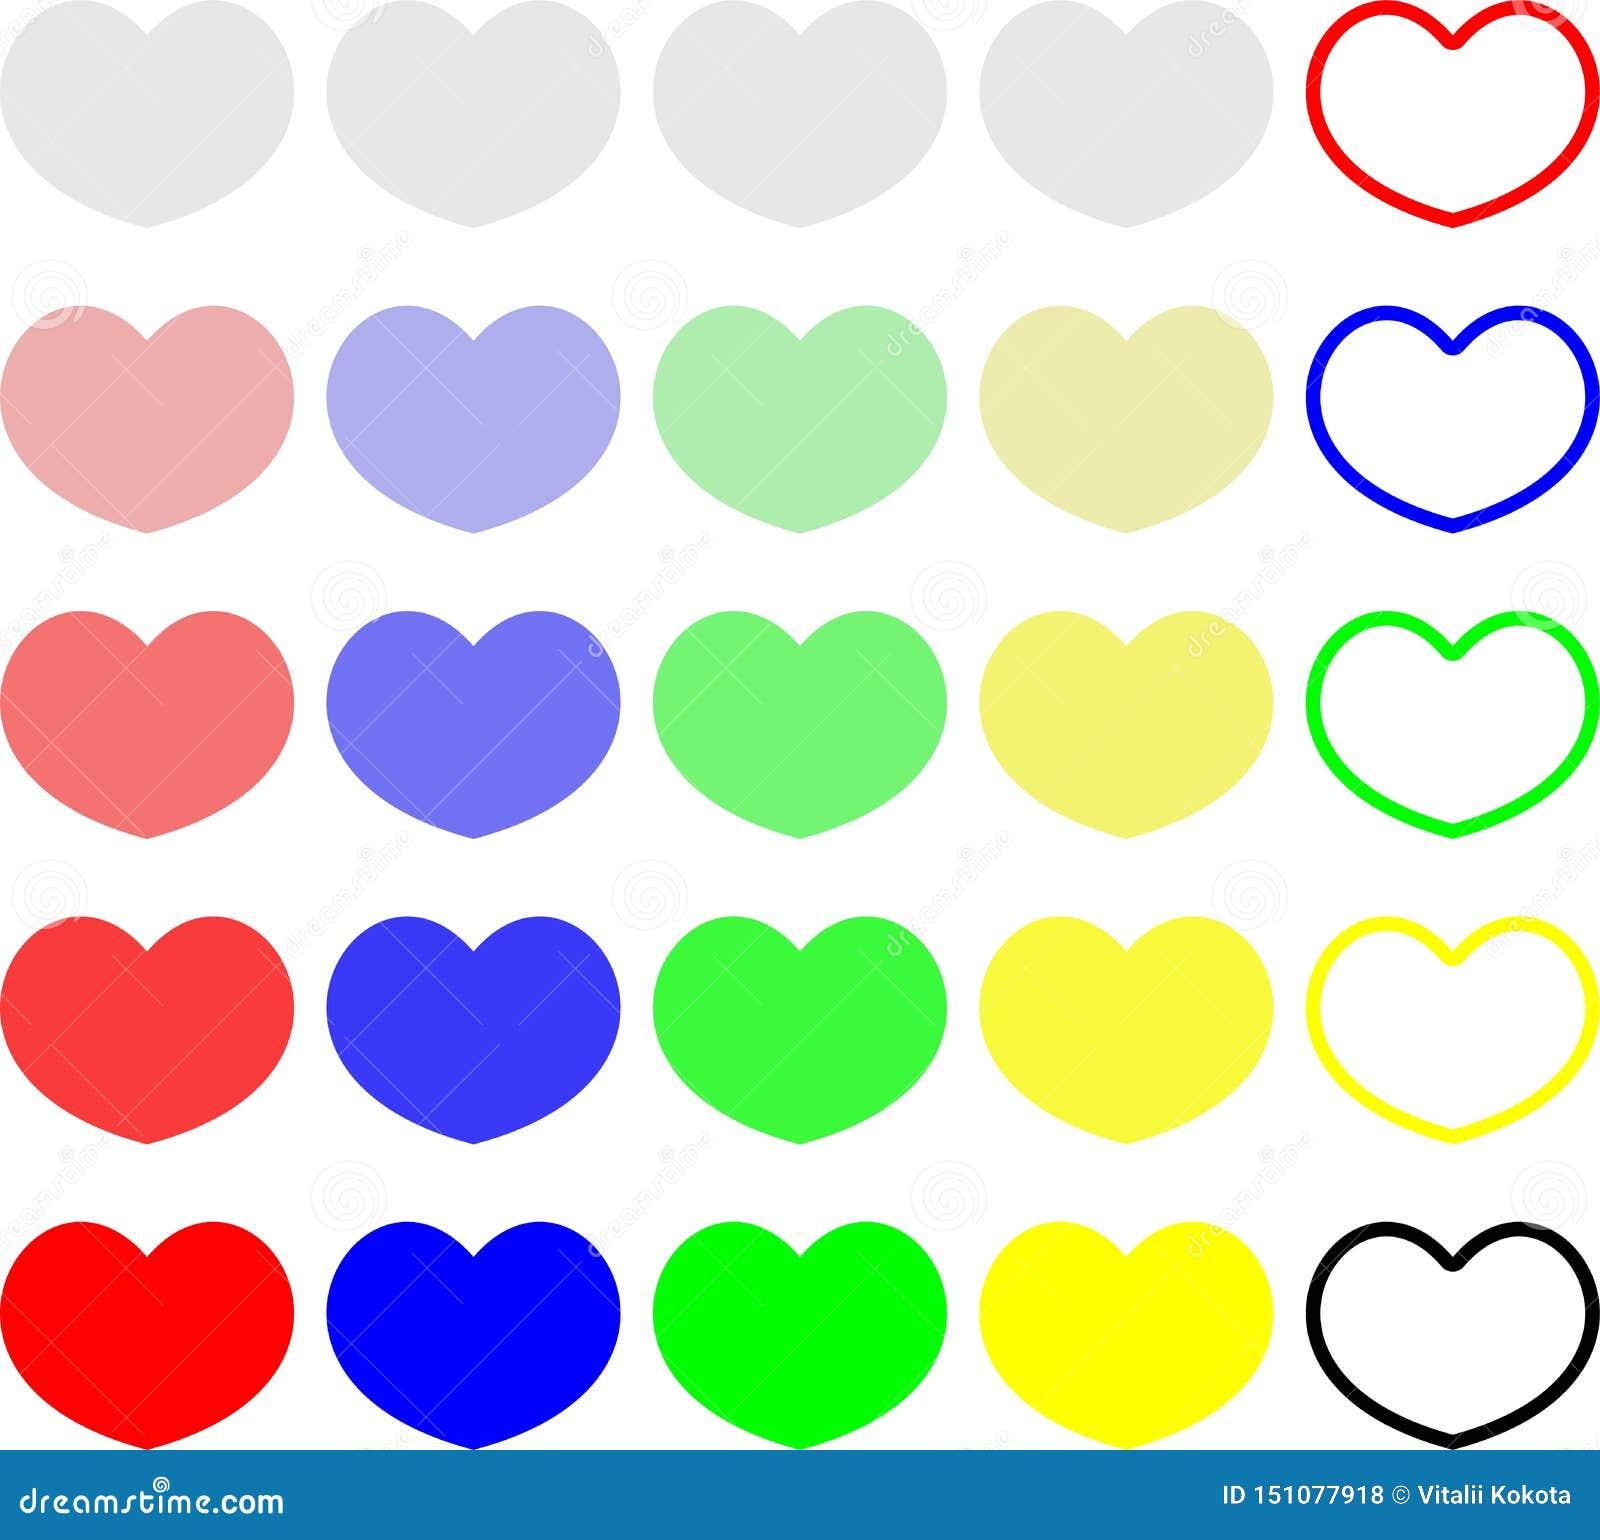 Kleurrijke naadloze het patroonachtergrond van het hartsuikergoed Reeks gesprekssnoepjes voor de dag van de valentijnskaart